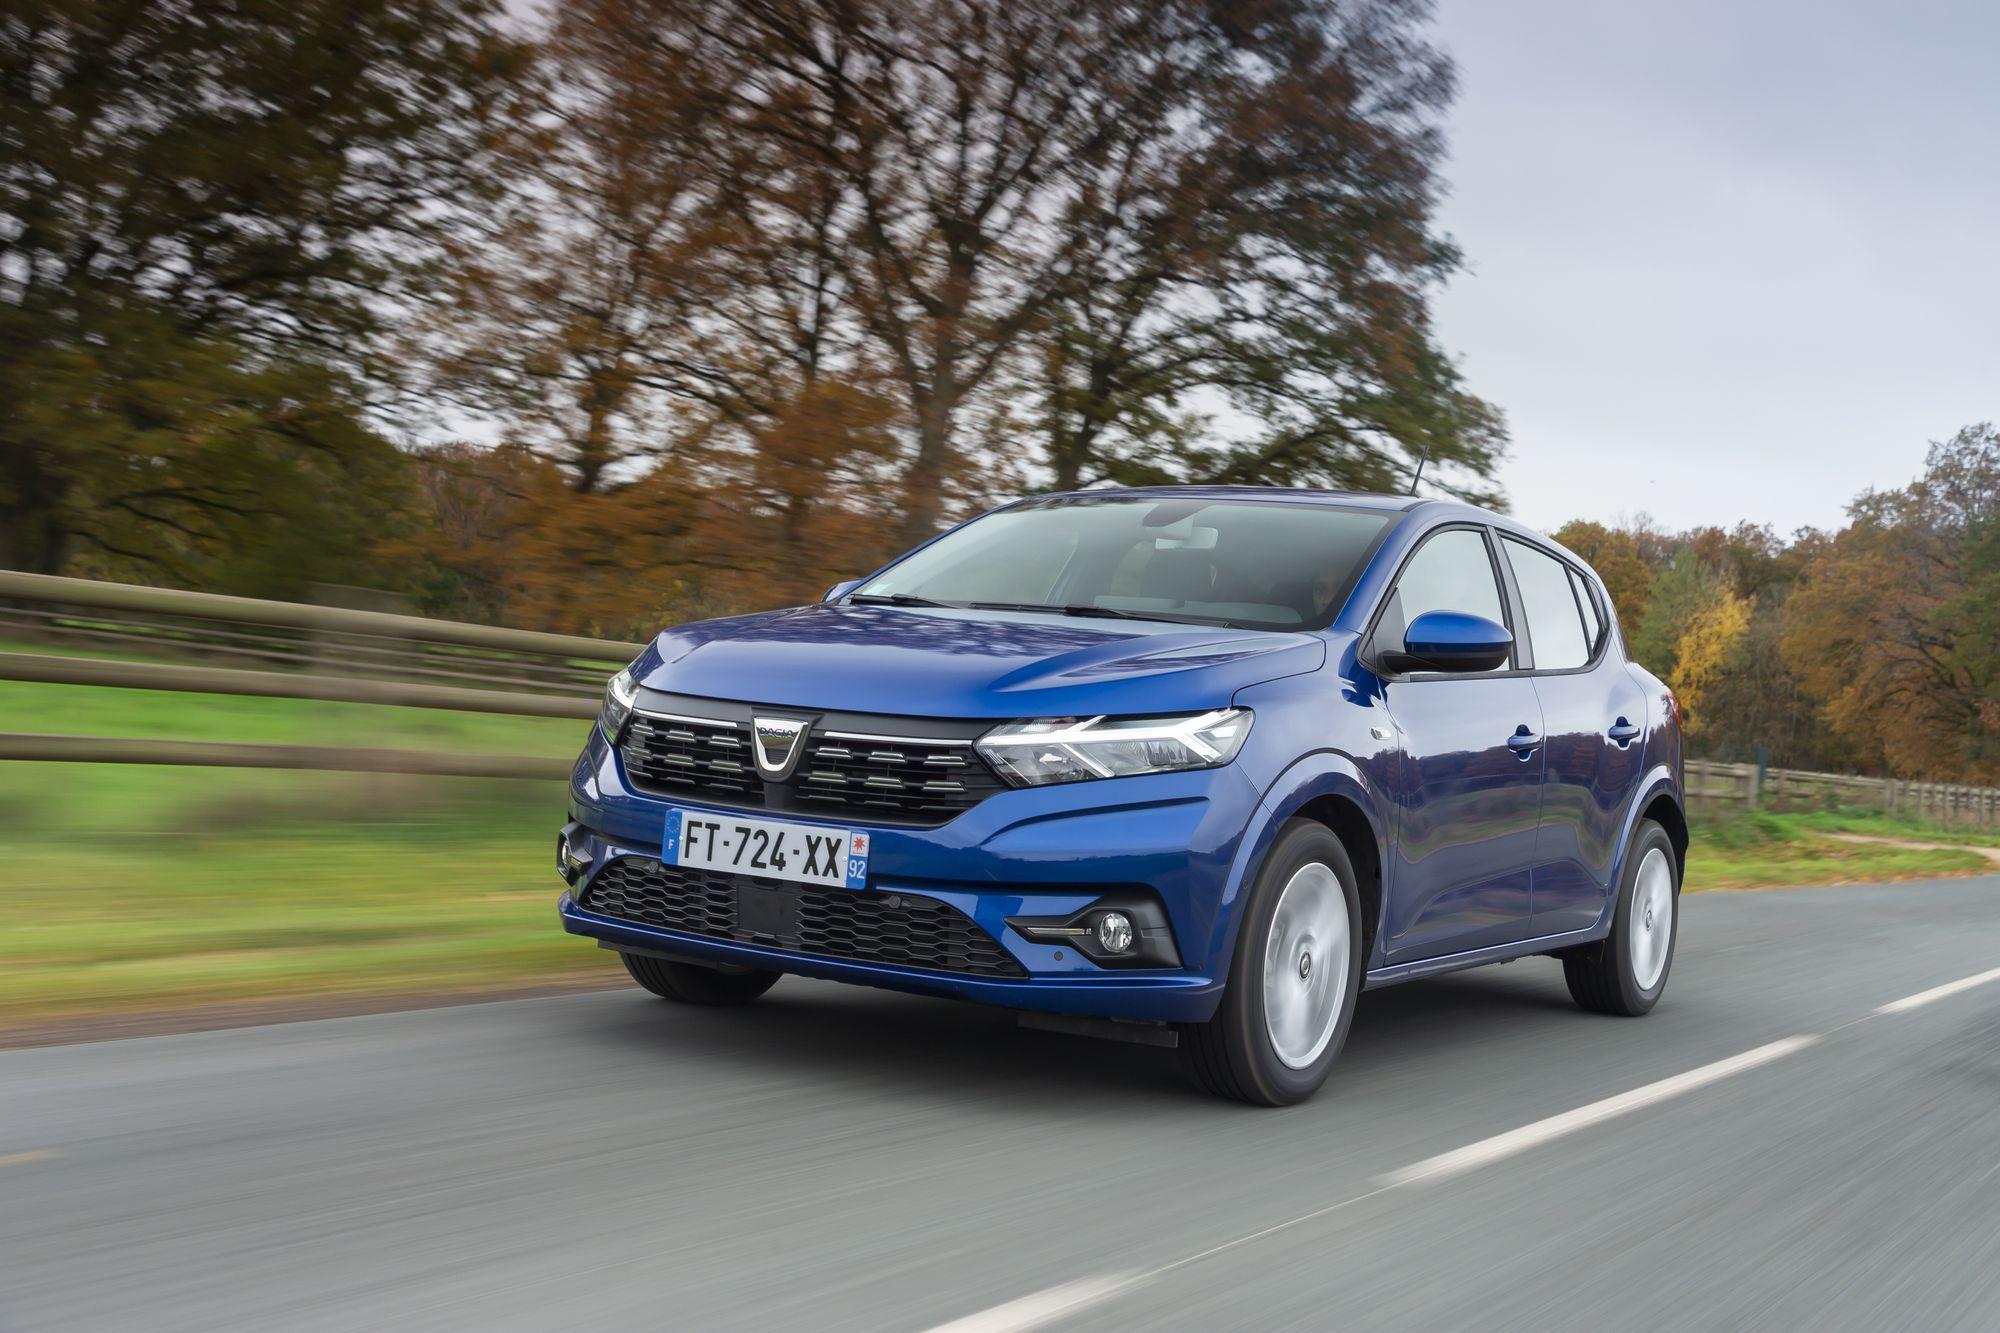 Απογειώθηκαν οι πωλήσεις του Dacia Sandero στην Ευρώπη